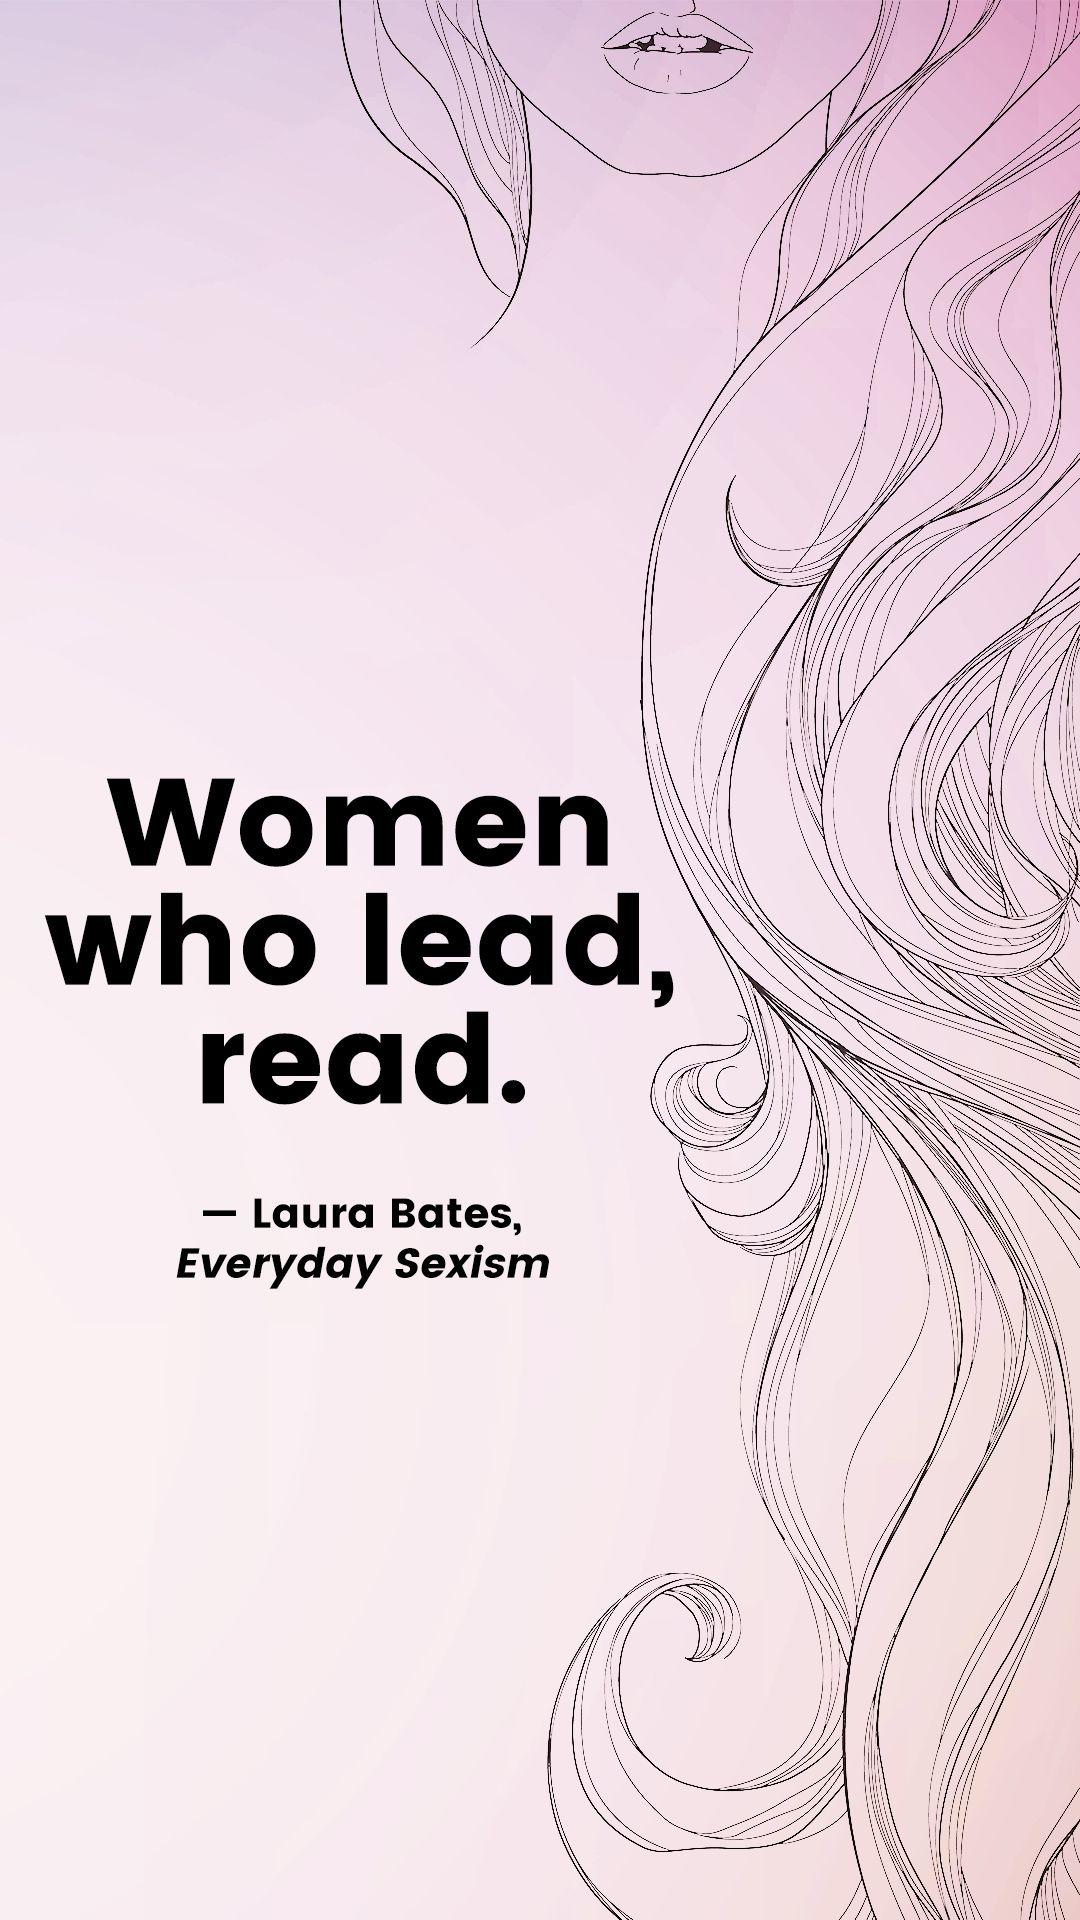 19 Badass Feminist Quotes